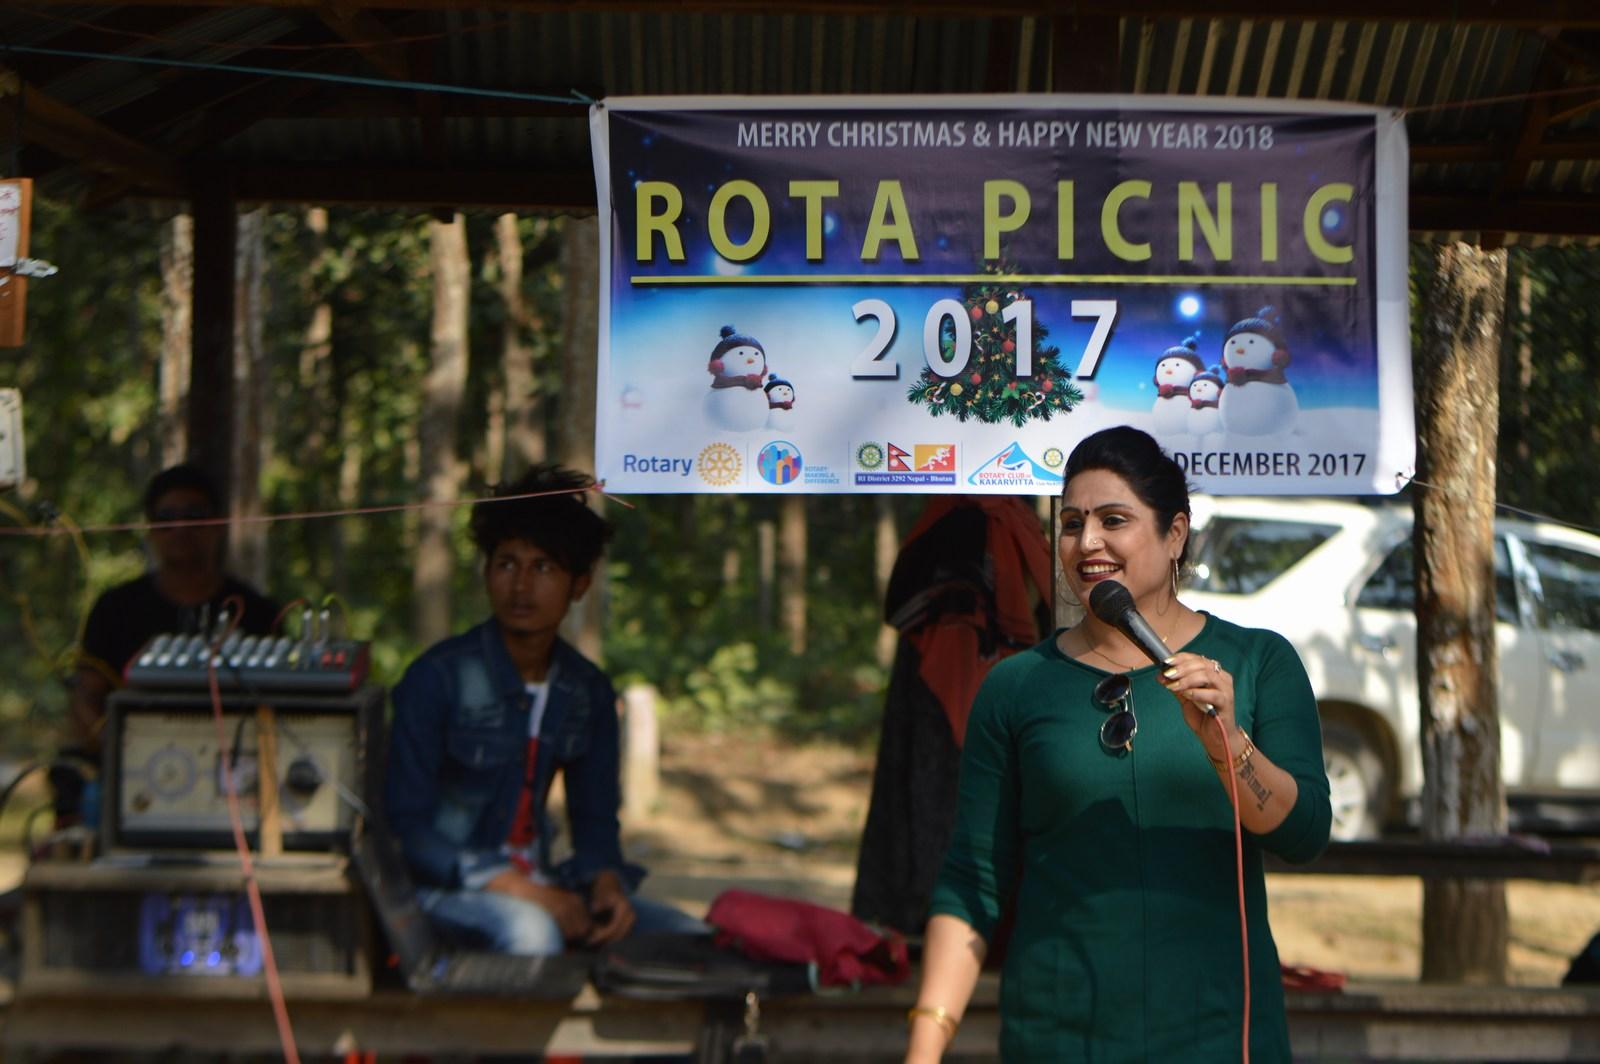 Rota-Picnic-2017-Rotary-Club-of-Kakarvitta-71